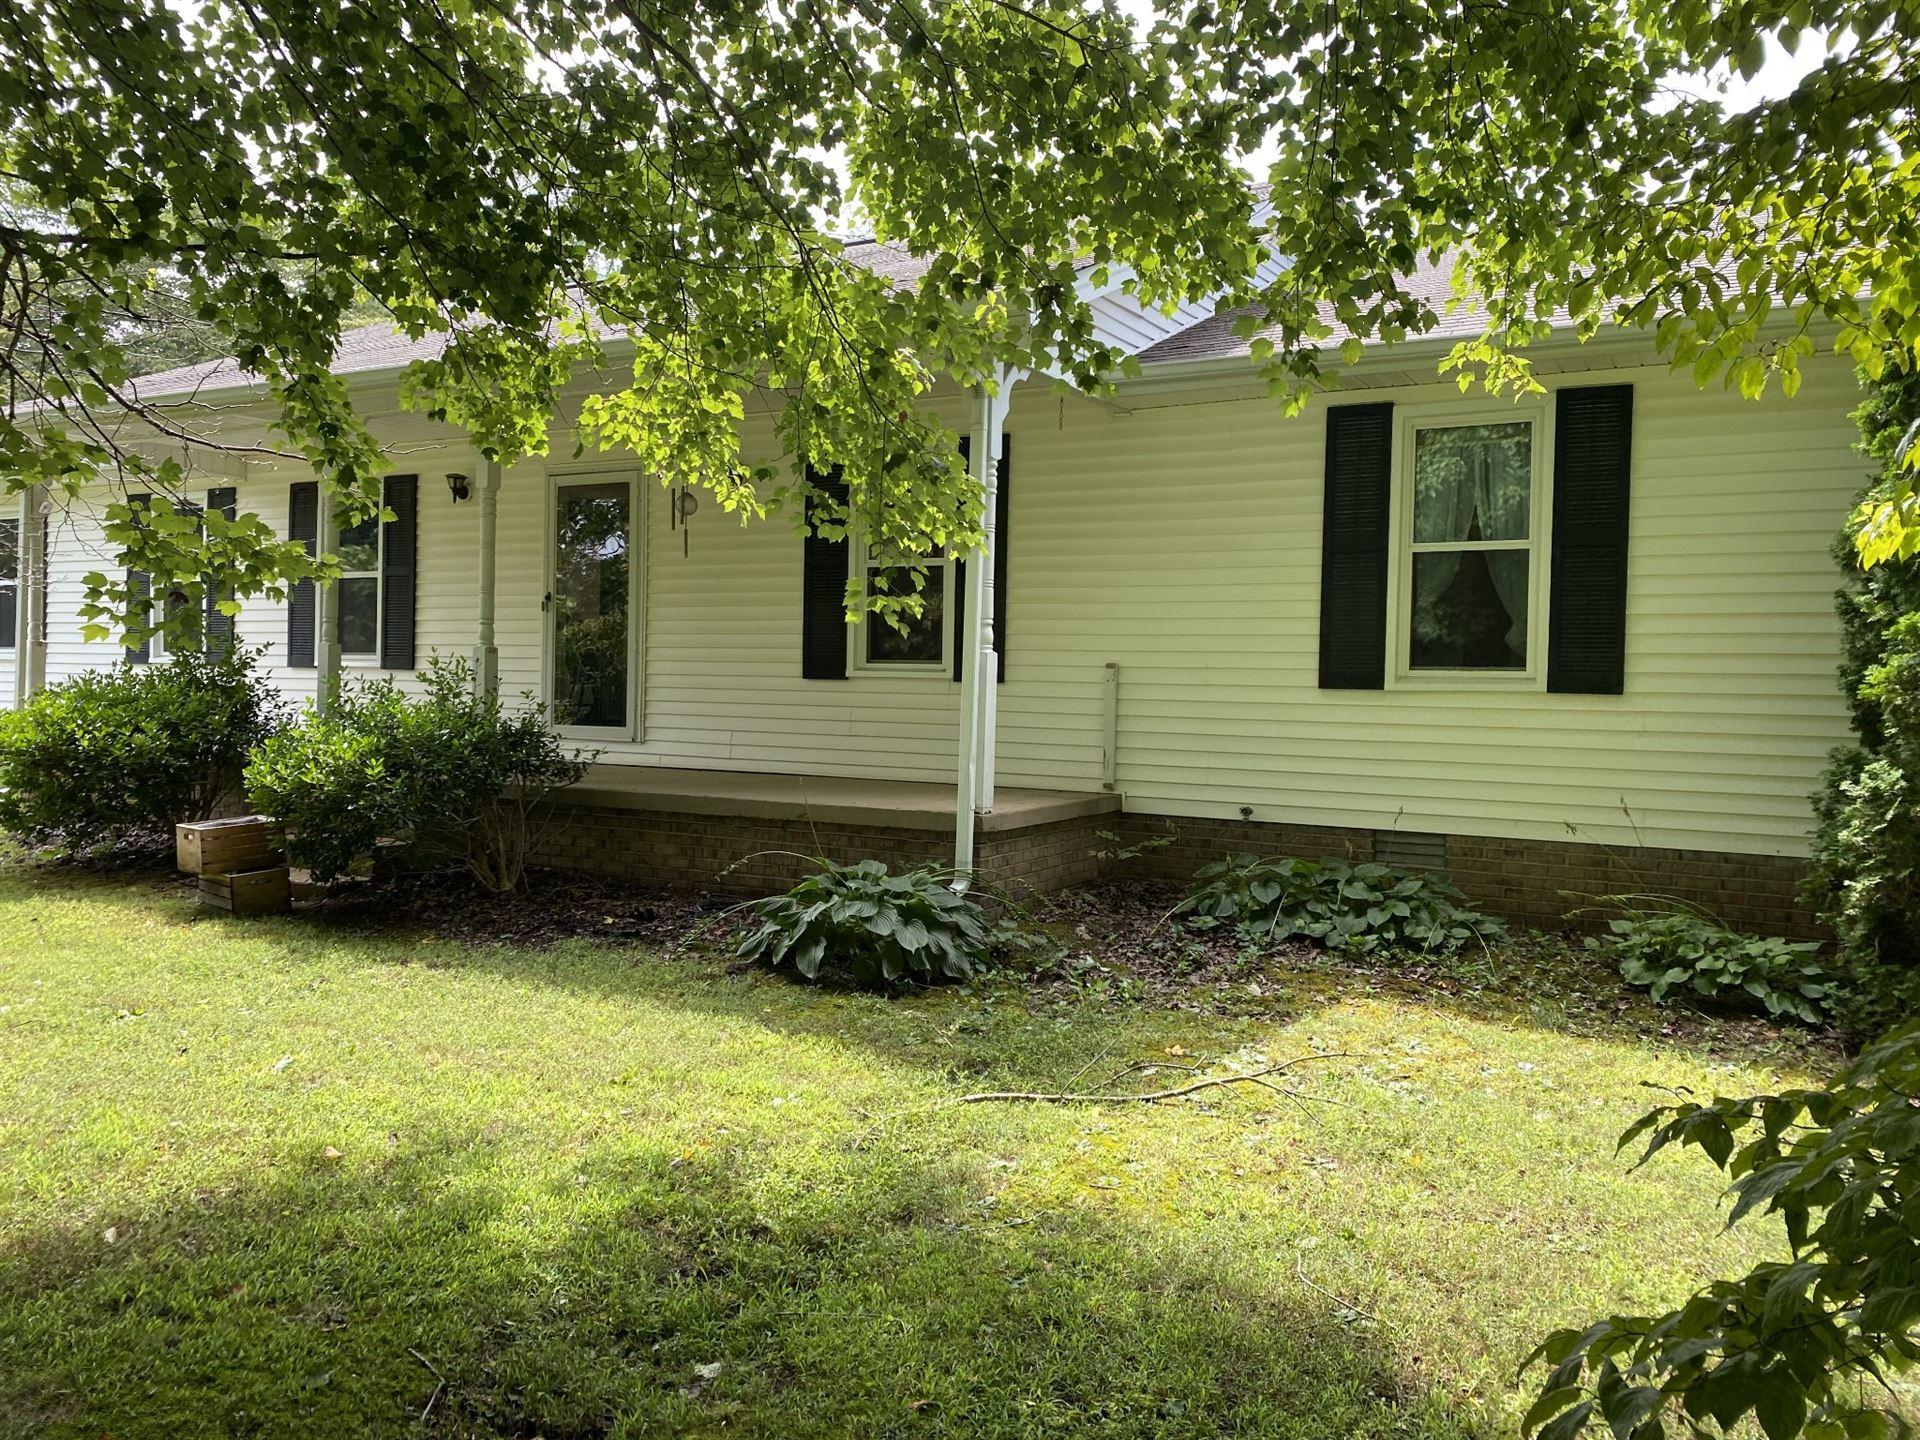 224 Old Columbia Rd, Dickson, TN 37055 - MLS#: 2277871